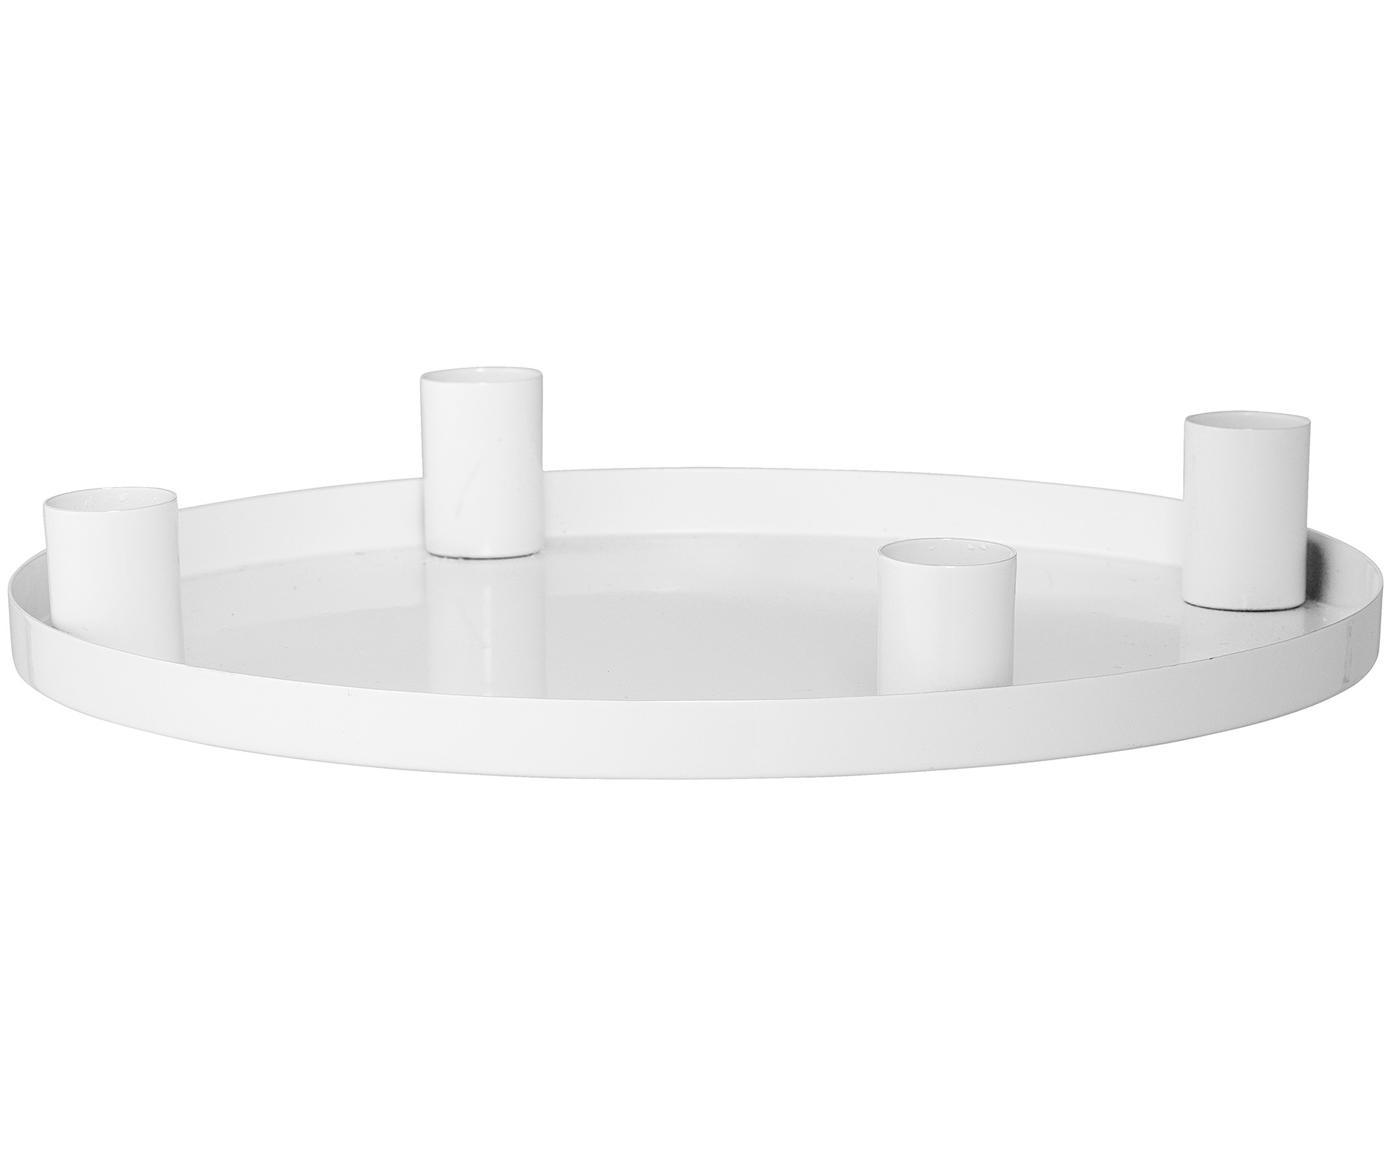 Kerzenhalter Advent, Metall, beschichtet, Weiss, Ø 25 x H 4 cm